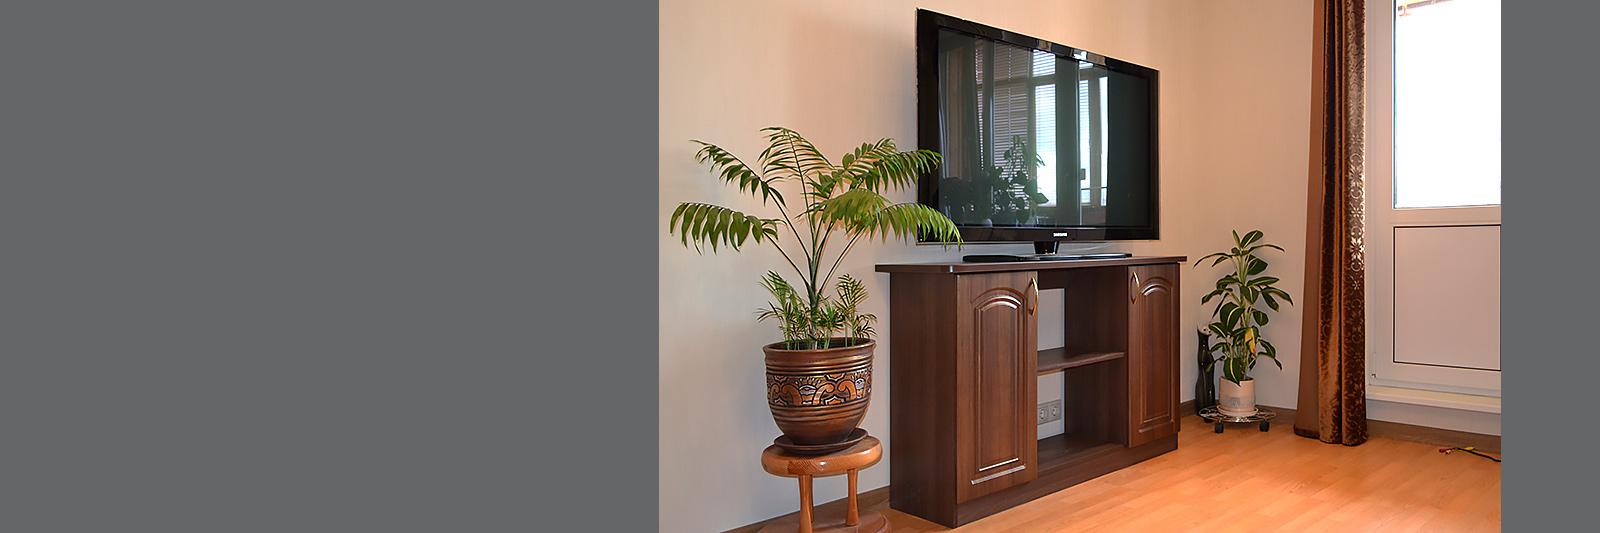 ТВ тумба на заказ по индивидуальным размерам